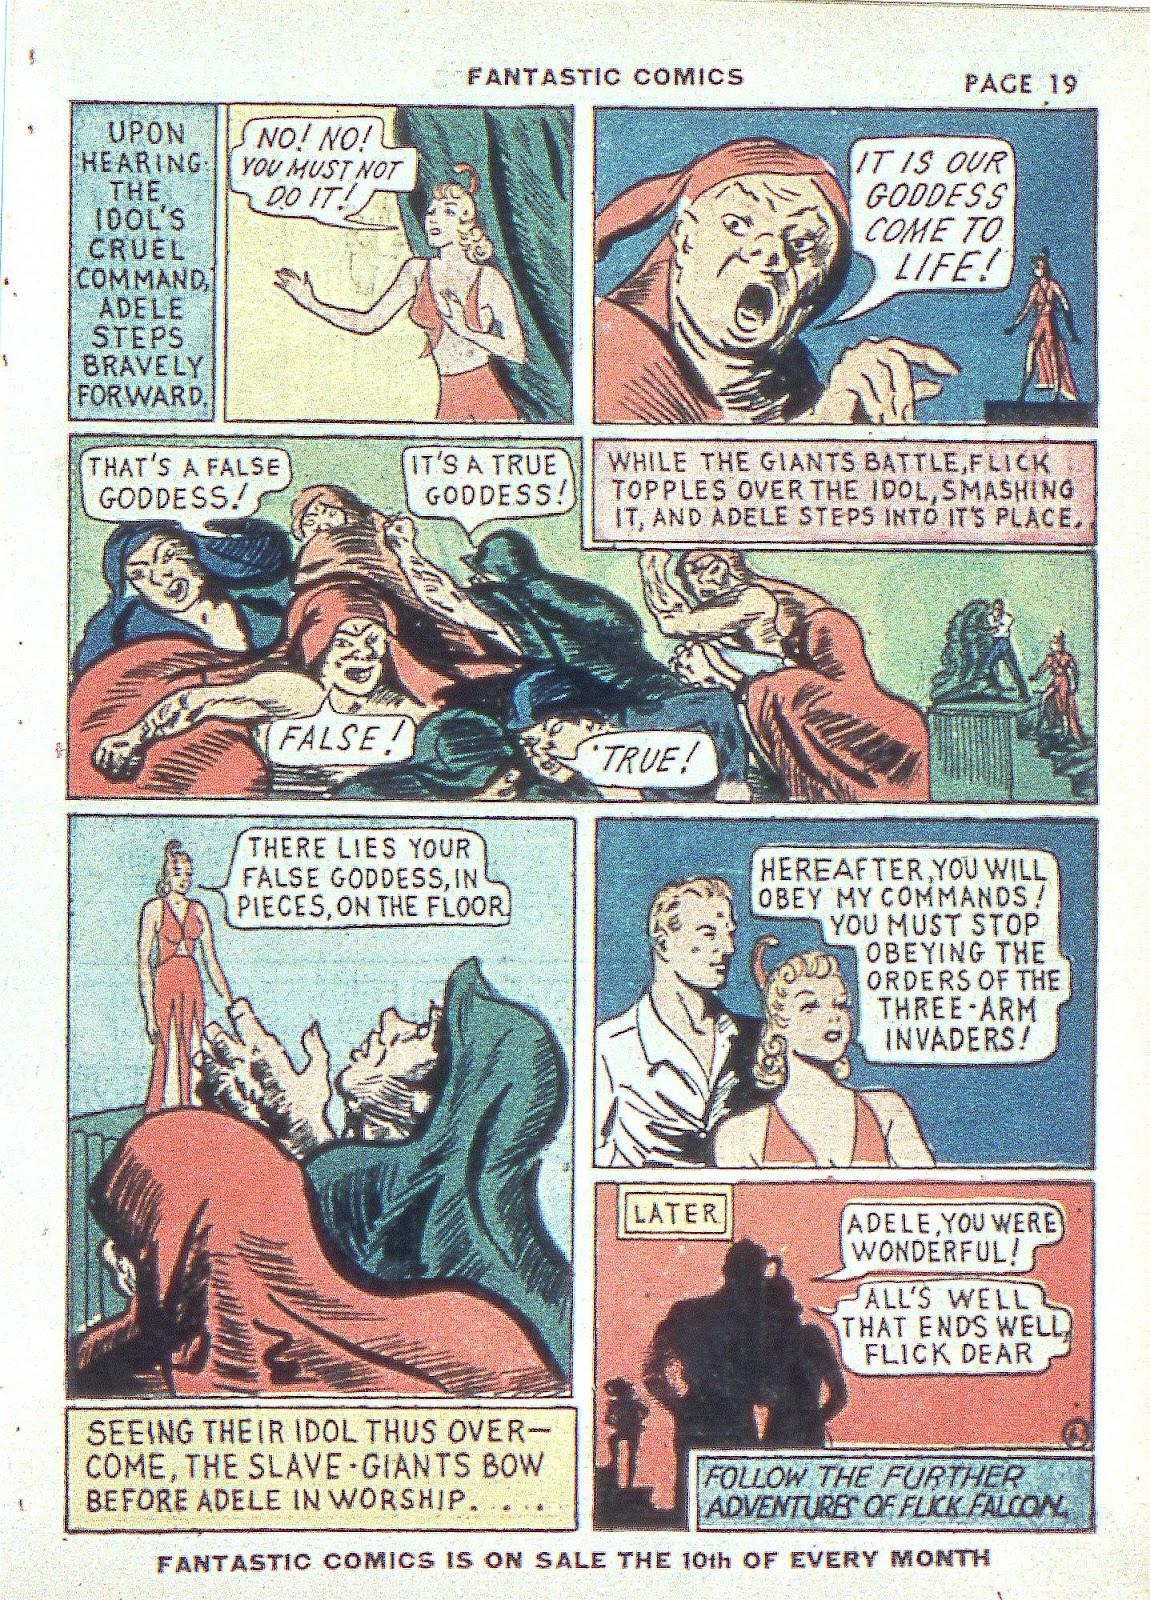 Read online Fantastic Comics comic -  Issue #3 - 22